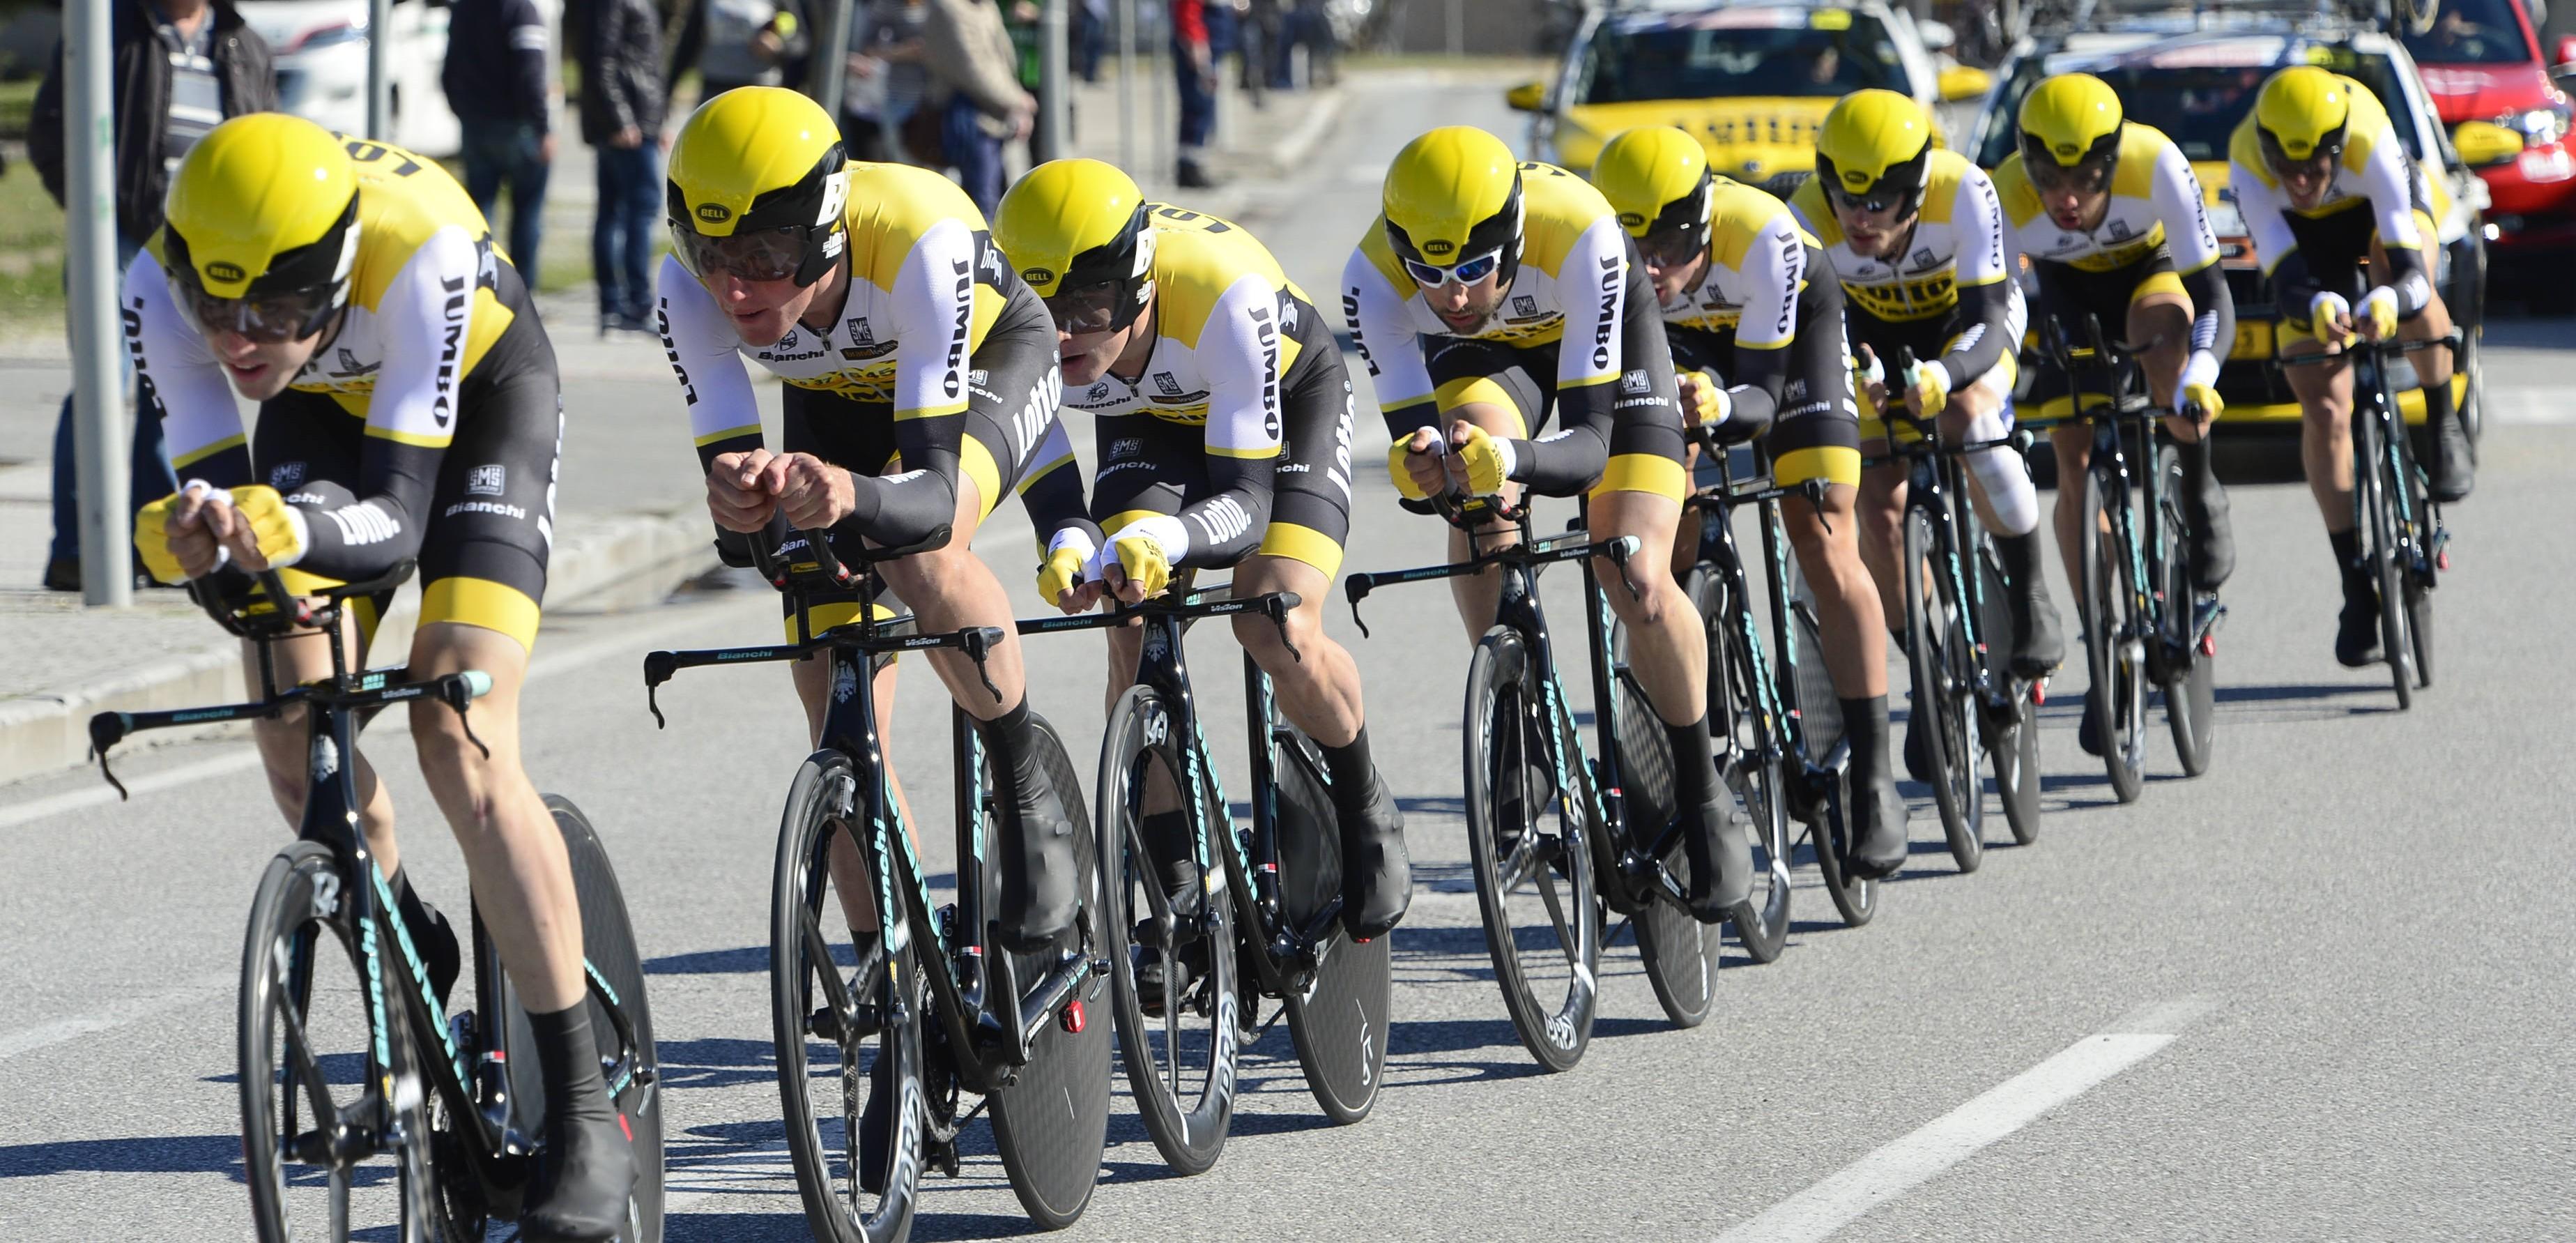 09-03-2016 Tirreno - Adriatico; Tappa 01 Lido Di Camaiore - Lido Di Camaiore; 2016, Lotto Nl - Jumbo; Lido Di Camaiore;